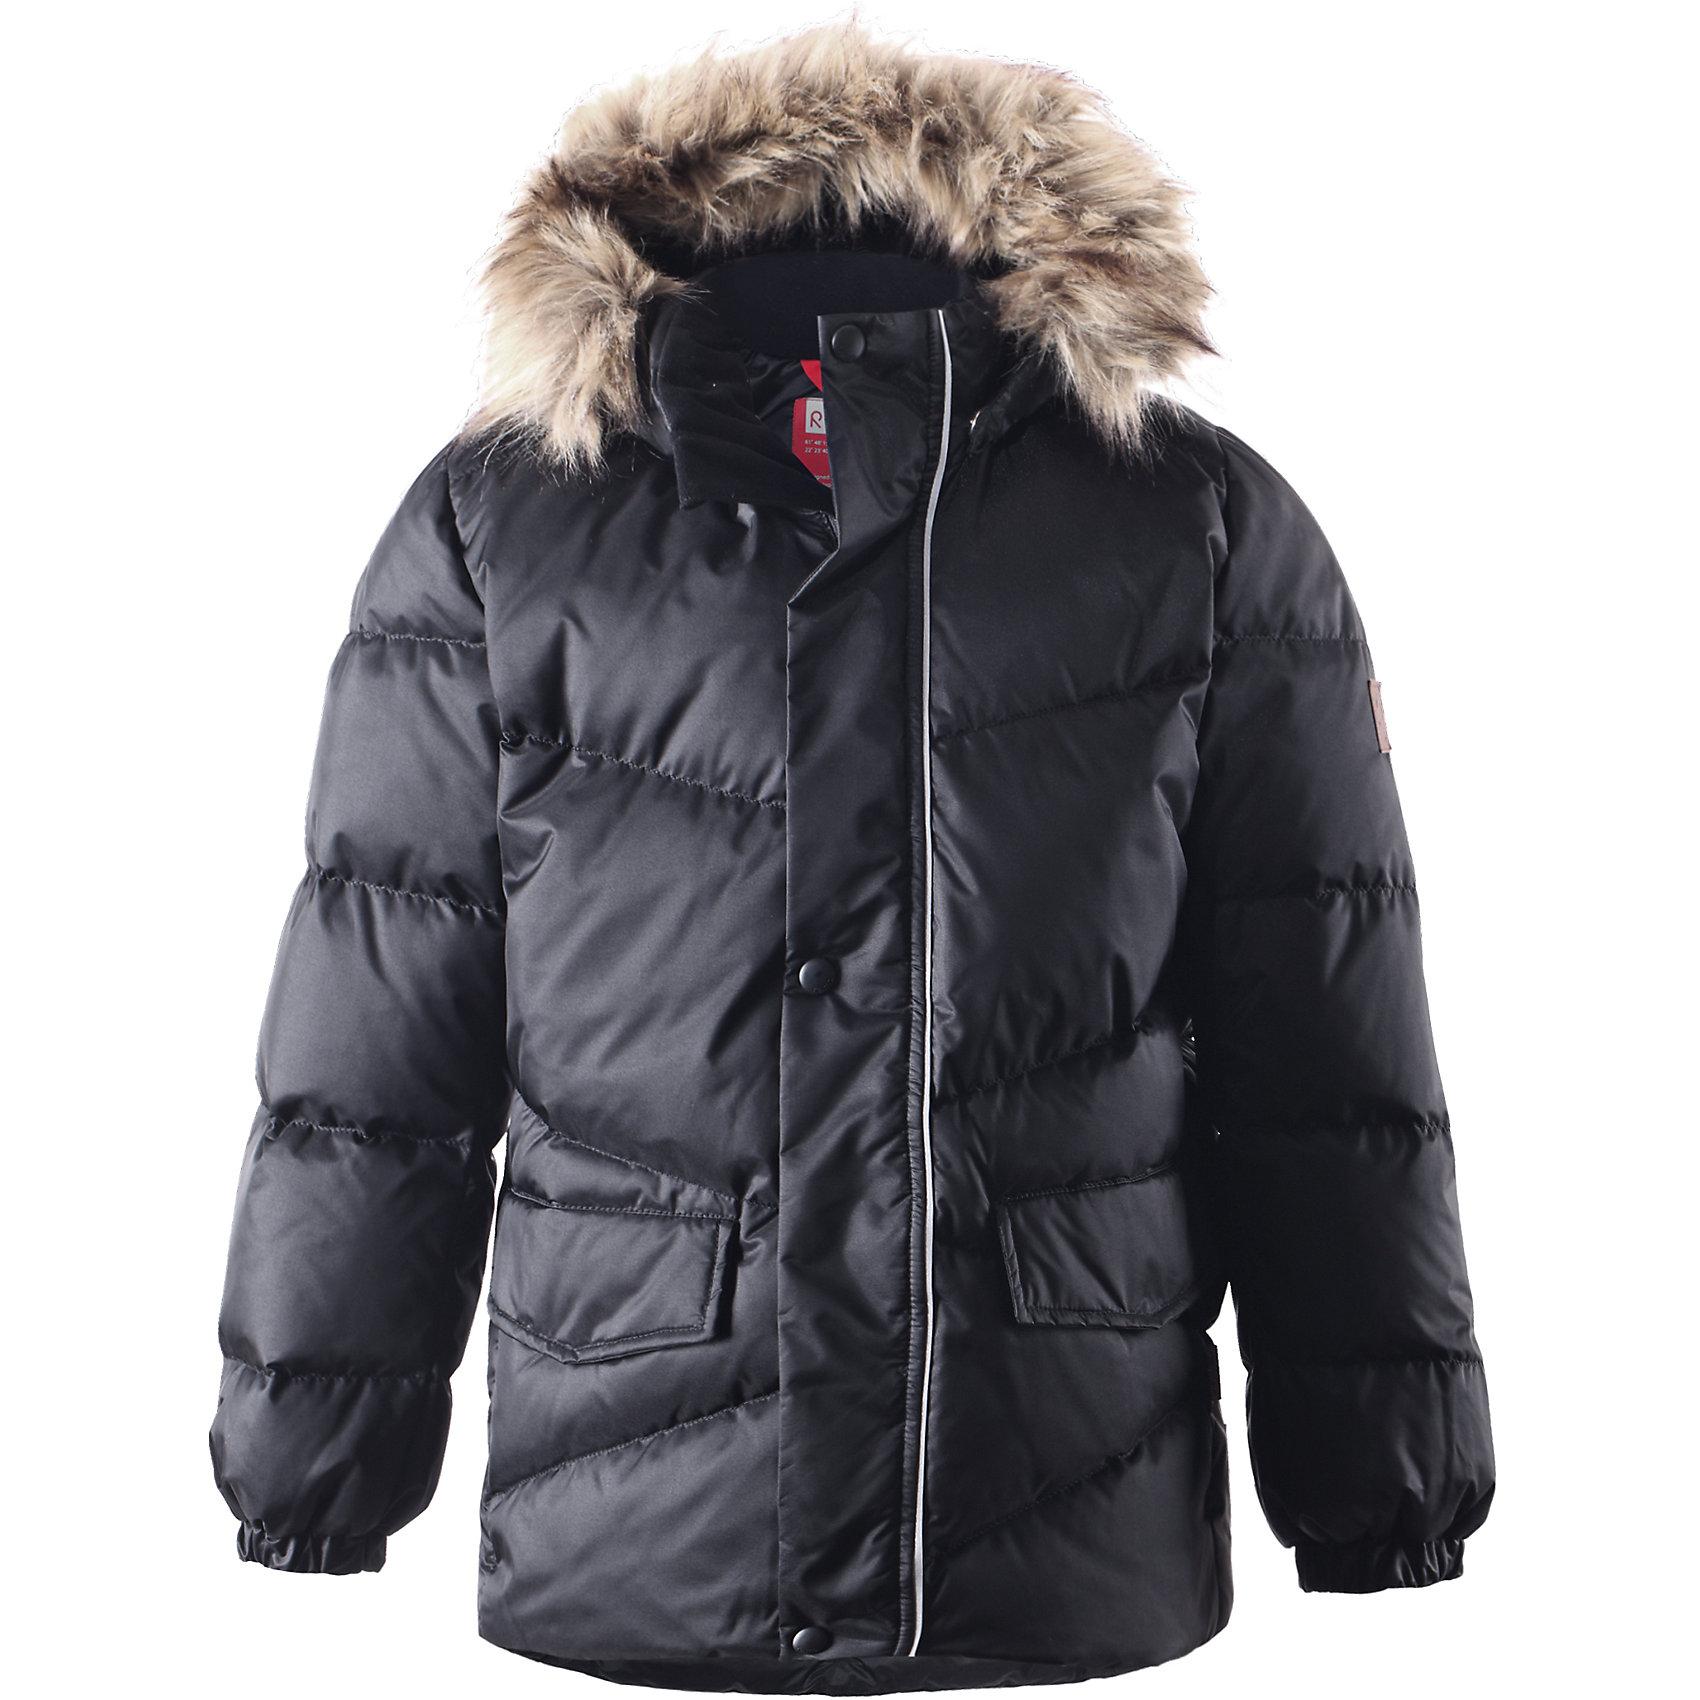 Куртка Pause для мальчика ReimaКуртка для мальчика Reima<br>Пуховая куртка для подростков. Водоотталкивающий, ветронепроницаемый, «дышащий» и грязеотталкивающий материал. Гладкая подкладка из полиэстра. В качестве утеплителя использованы пух и перо (60%/40%). Безопасный съемный капюшон с отсоединяемой меховой каймой из искусственного меха. Регулируемый подол. Два кармана с клапанами. Безопасные светоотражающие детали. Петля для дополнительных светоотражающих деталей.<br>Уход:<br>Стирать по отдельности, вывернув наизнанку. Перед стиркой отстегните искусственный мех. Застегнуть молнии и липучки. Стирать моющим средством, не содержащим отбеливающие вещества. Полоскать без специального средства. Во избежание изменения цвета изделие необходимо вынуть из стиральной машинки незамедлительно после окончания программы стирки. Барабанное сушение при низкой температуре с 3 теннисными мячиками. Выверните изделие наизнанку в середине сушки.<br>Состав:<br>65% Полиамид, 35% Полиэстер, полиуретановое покрытие<br><br>Ширина мм: 356<br>Глубина мм: 10<br>Высота мм: 245<br>Вес г: 519<br>Цвет: черный<br>Возраст от месяцев: 36<br>Возраст до месяцев: 48<br>Пол: Мужской<br>Возраст: Детский<br>Размер: 104,134,140,164,122,116,146,110,128,158,152<br>SKU: 4778303